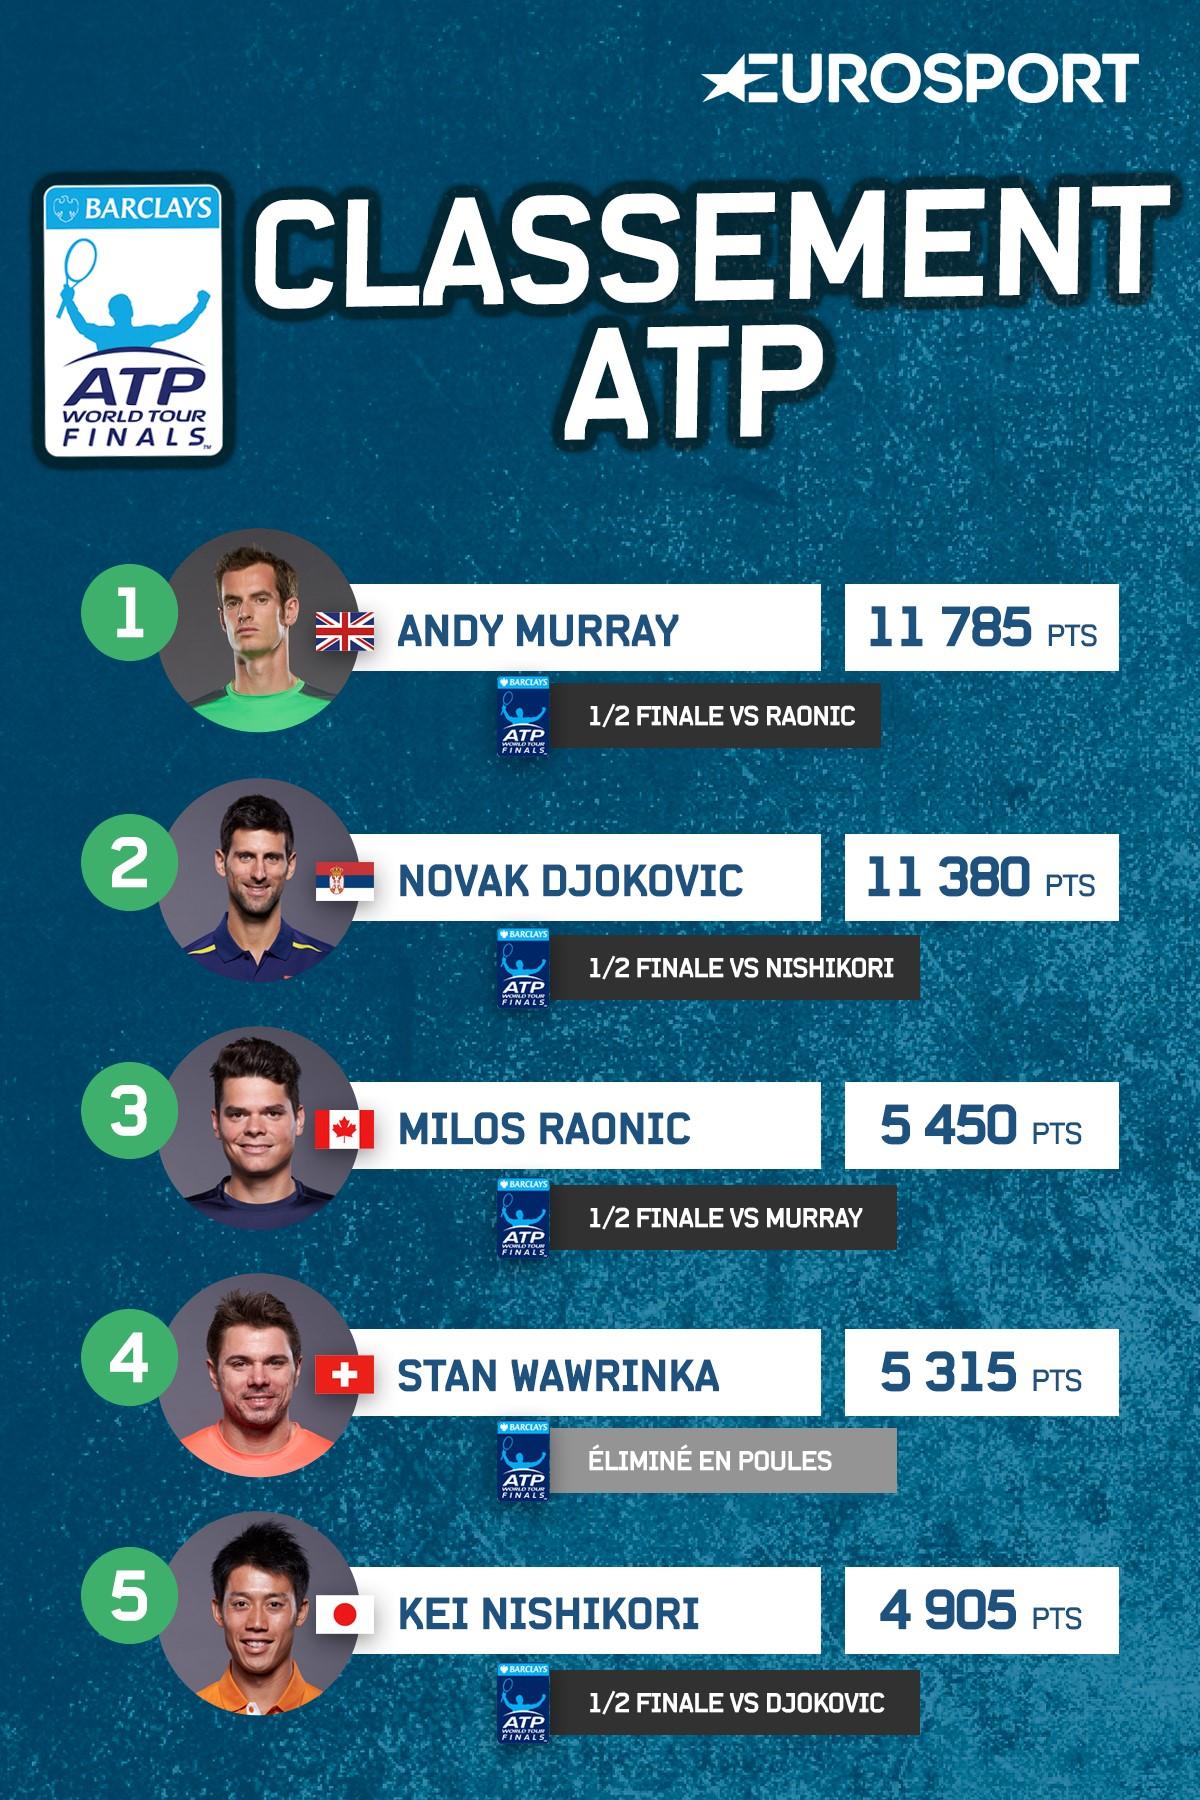 Classement ATP 2016 avant les demies du Masters